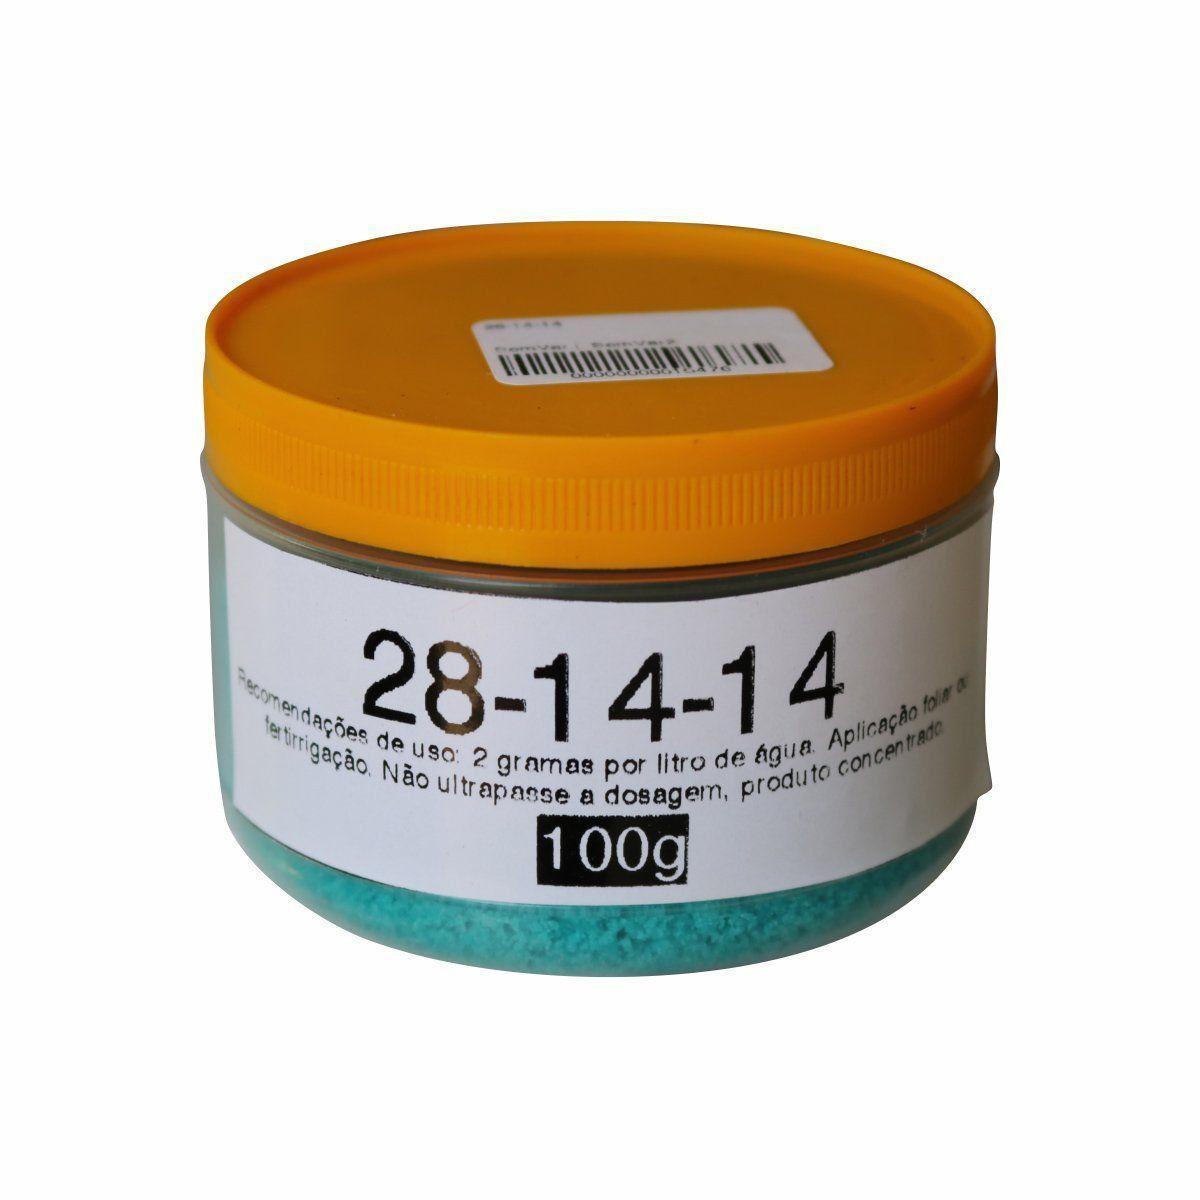 Fertilizante Plant-Prod 28-14-14 100g Foliar ou para Fertirrigação